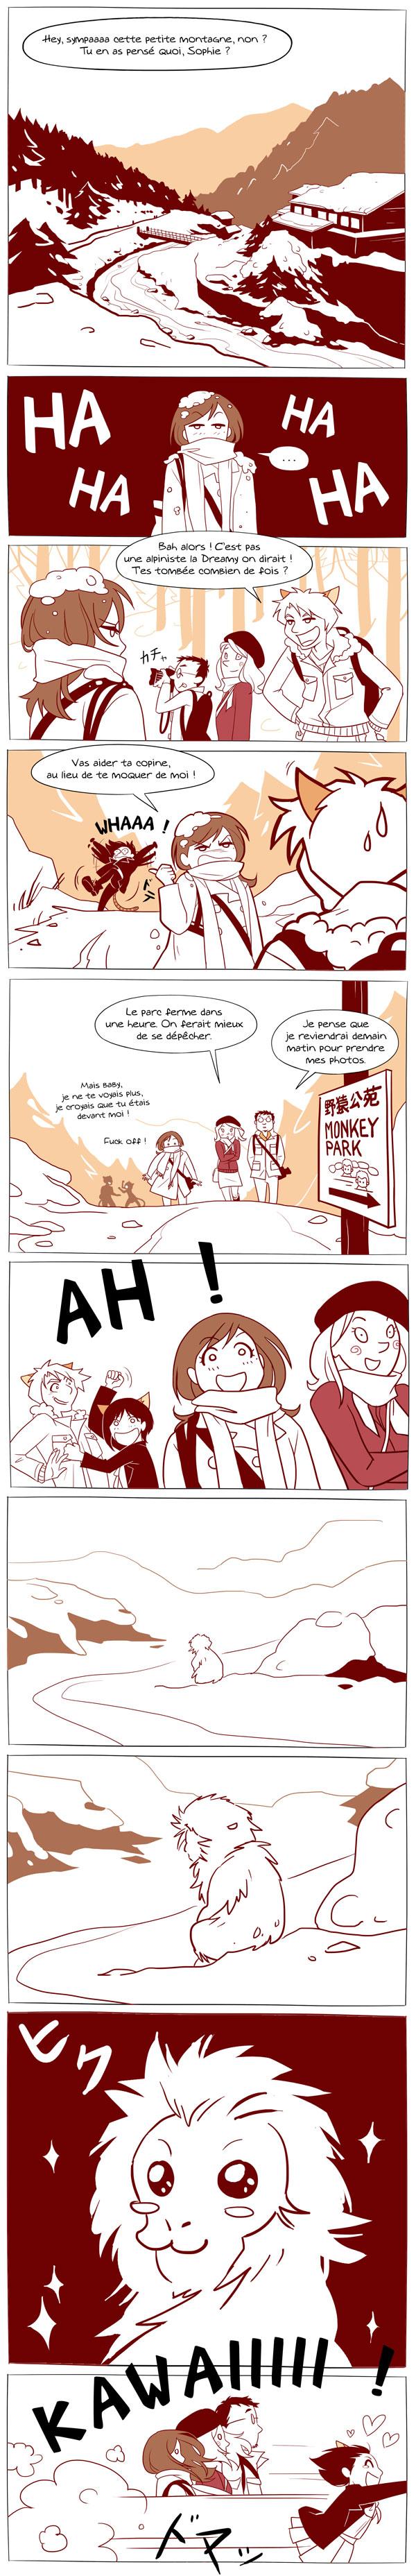 Nagano (3)